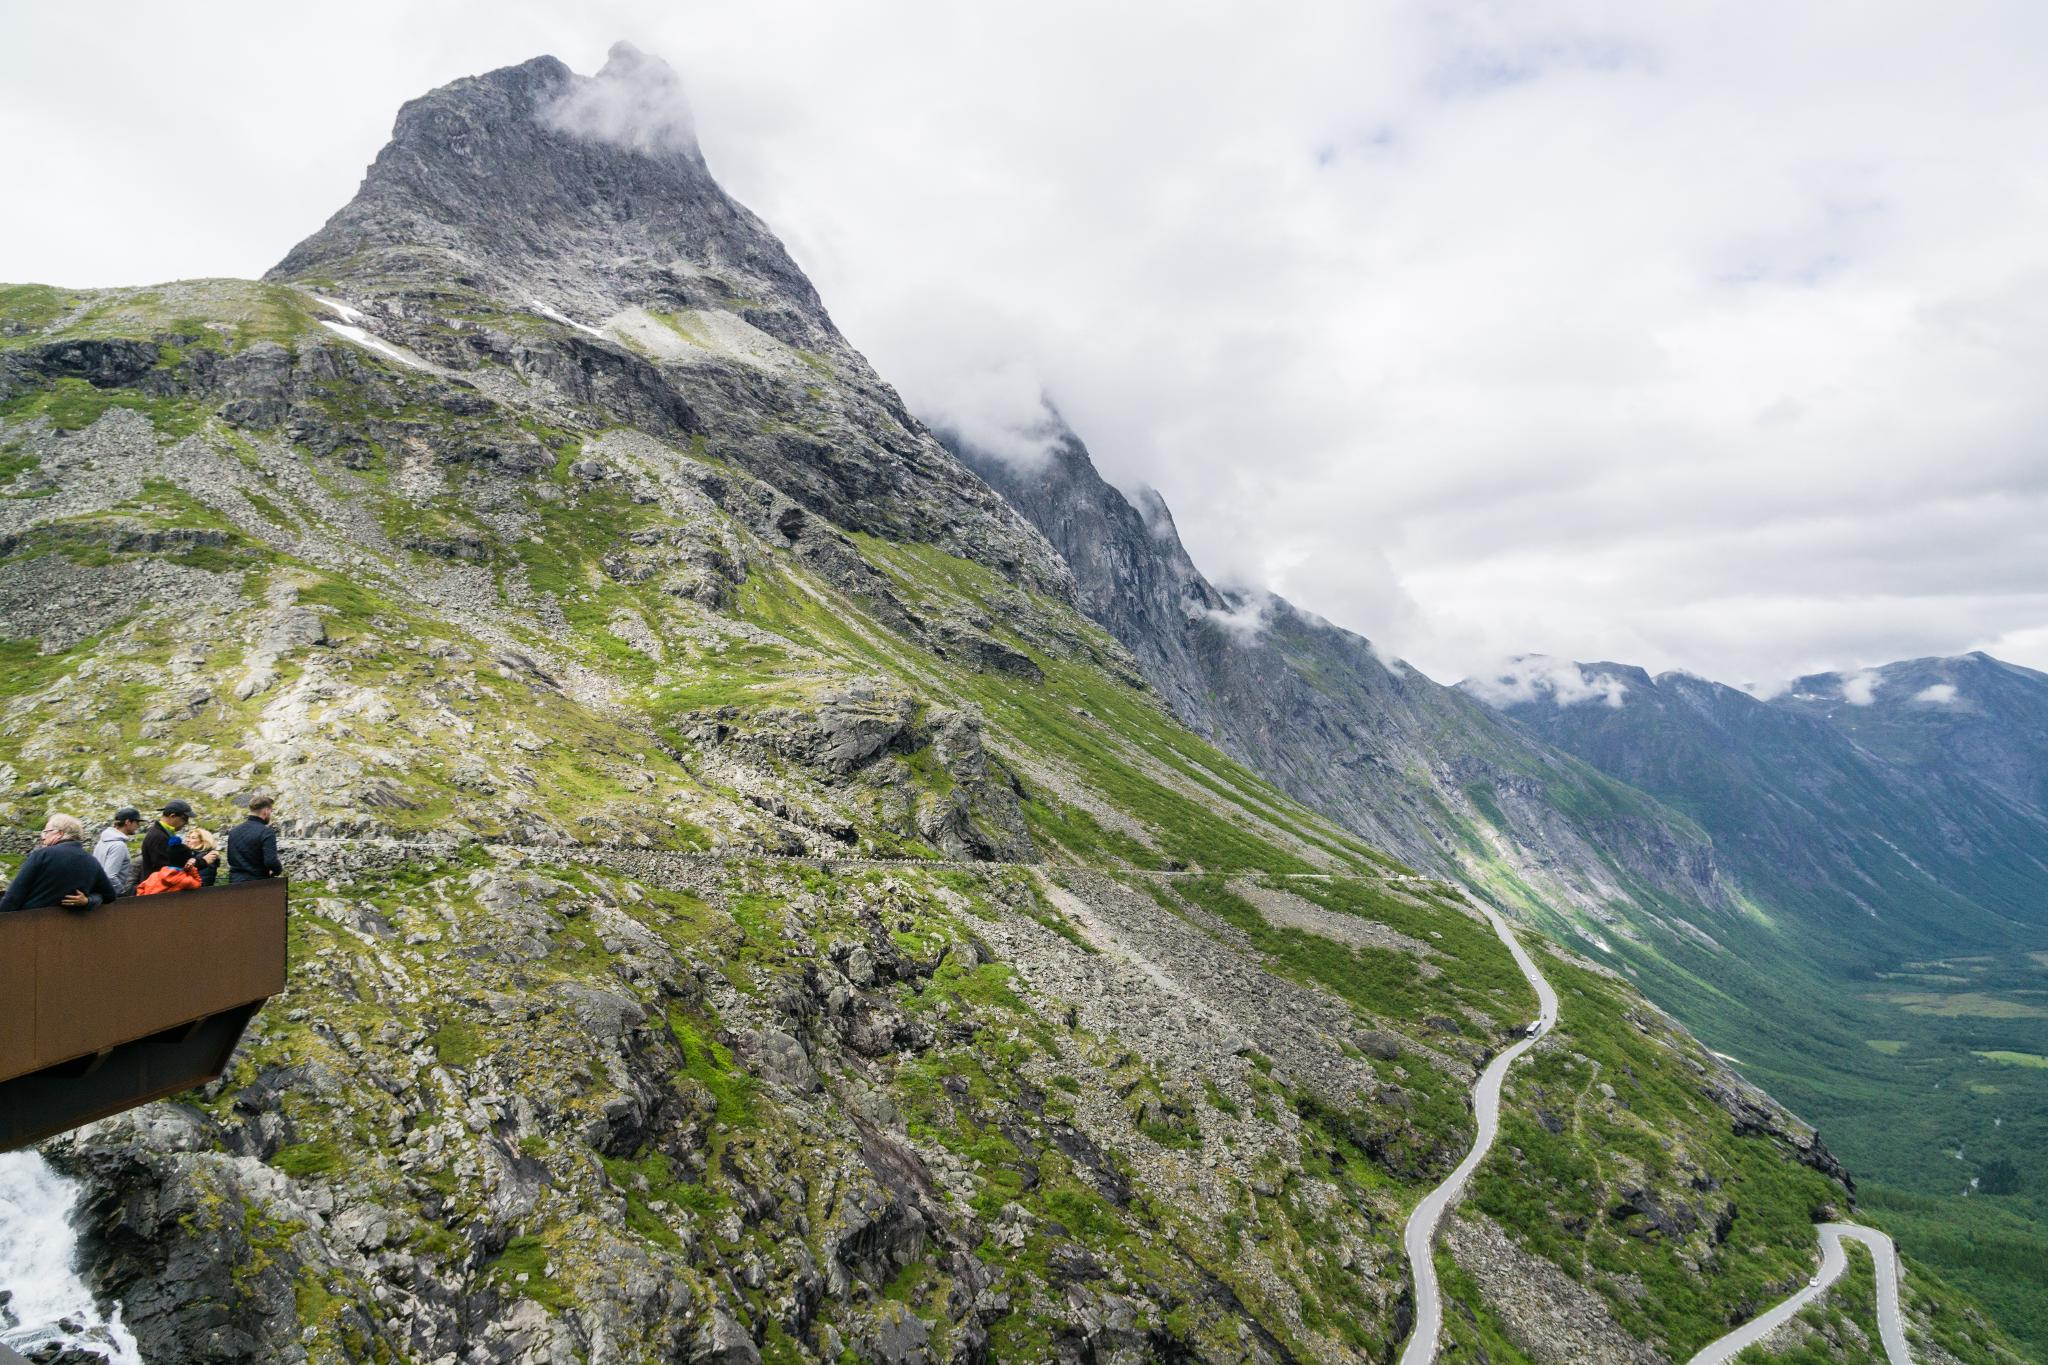 【北歐景點】Trollstigen 精靈之路 ∣ 挪威最驚險的世界級景觀公路 16